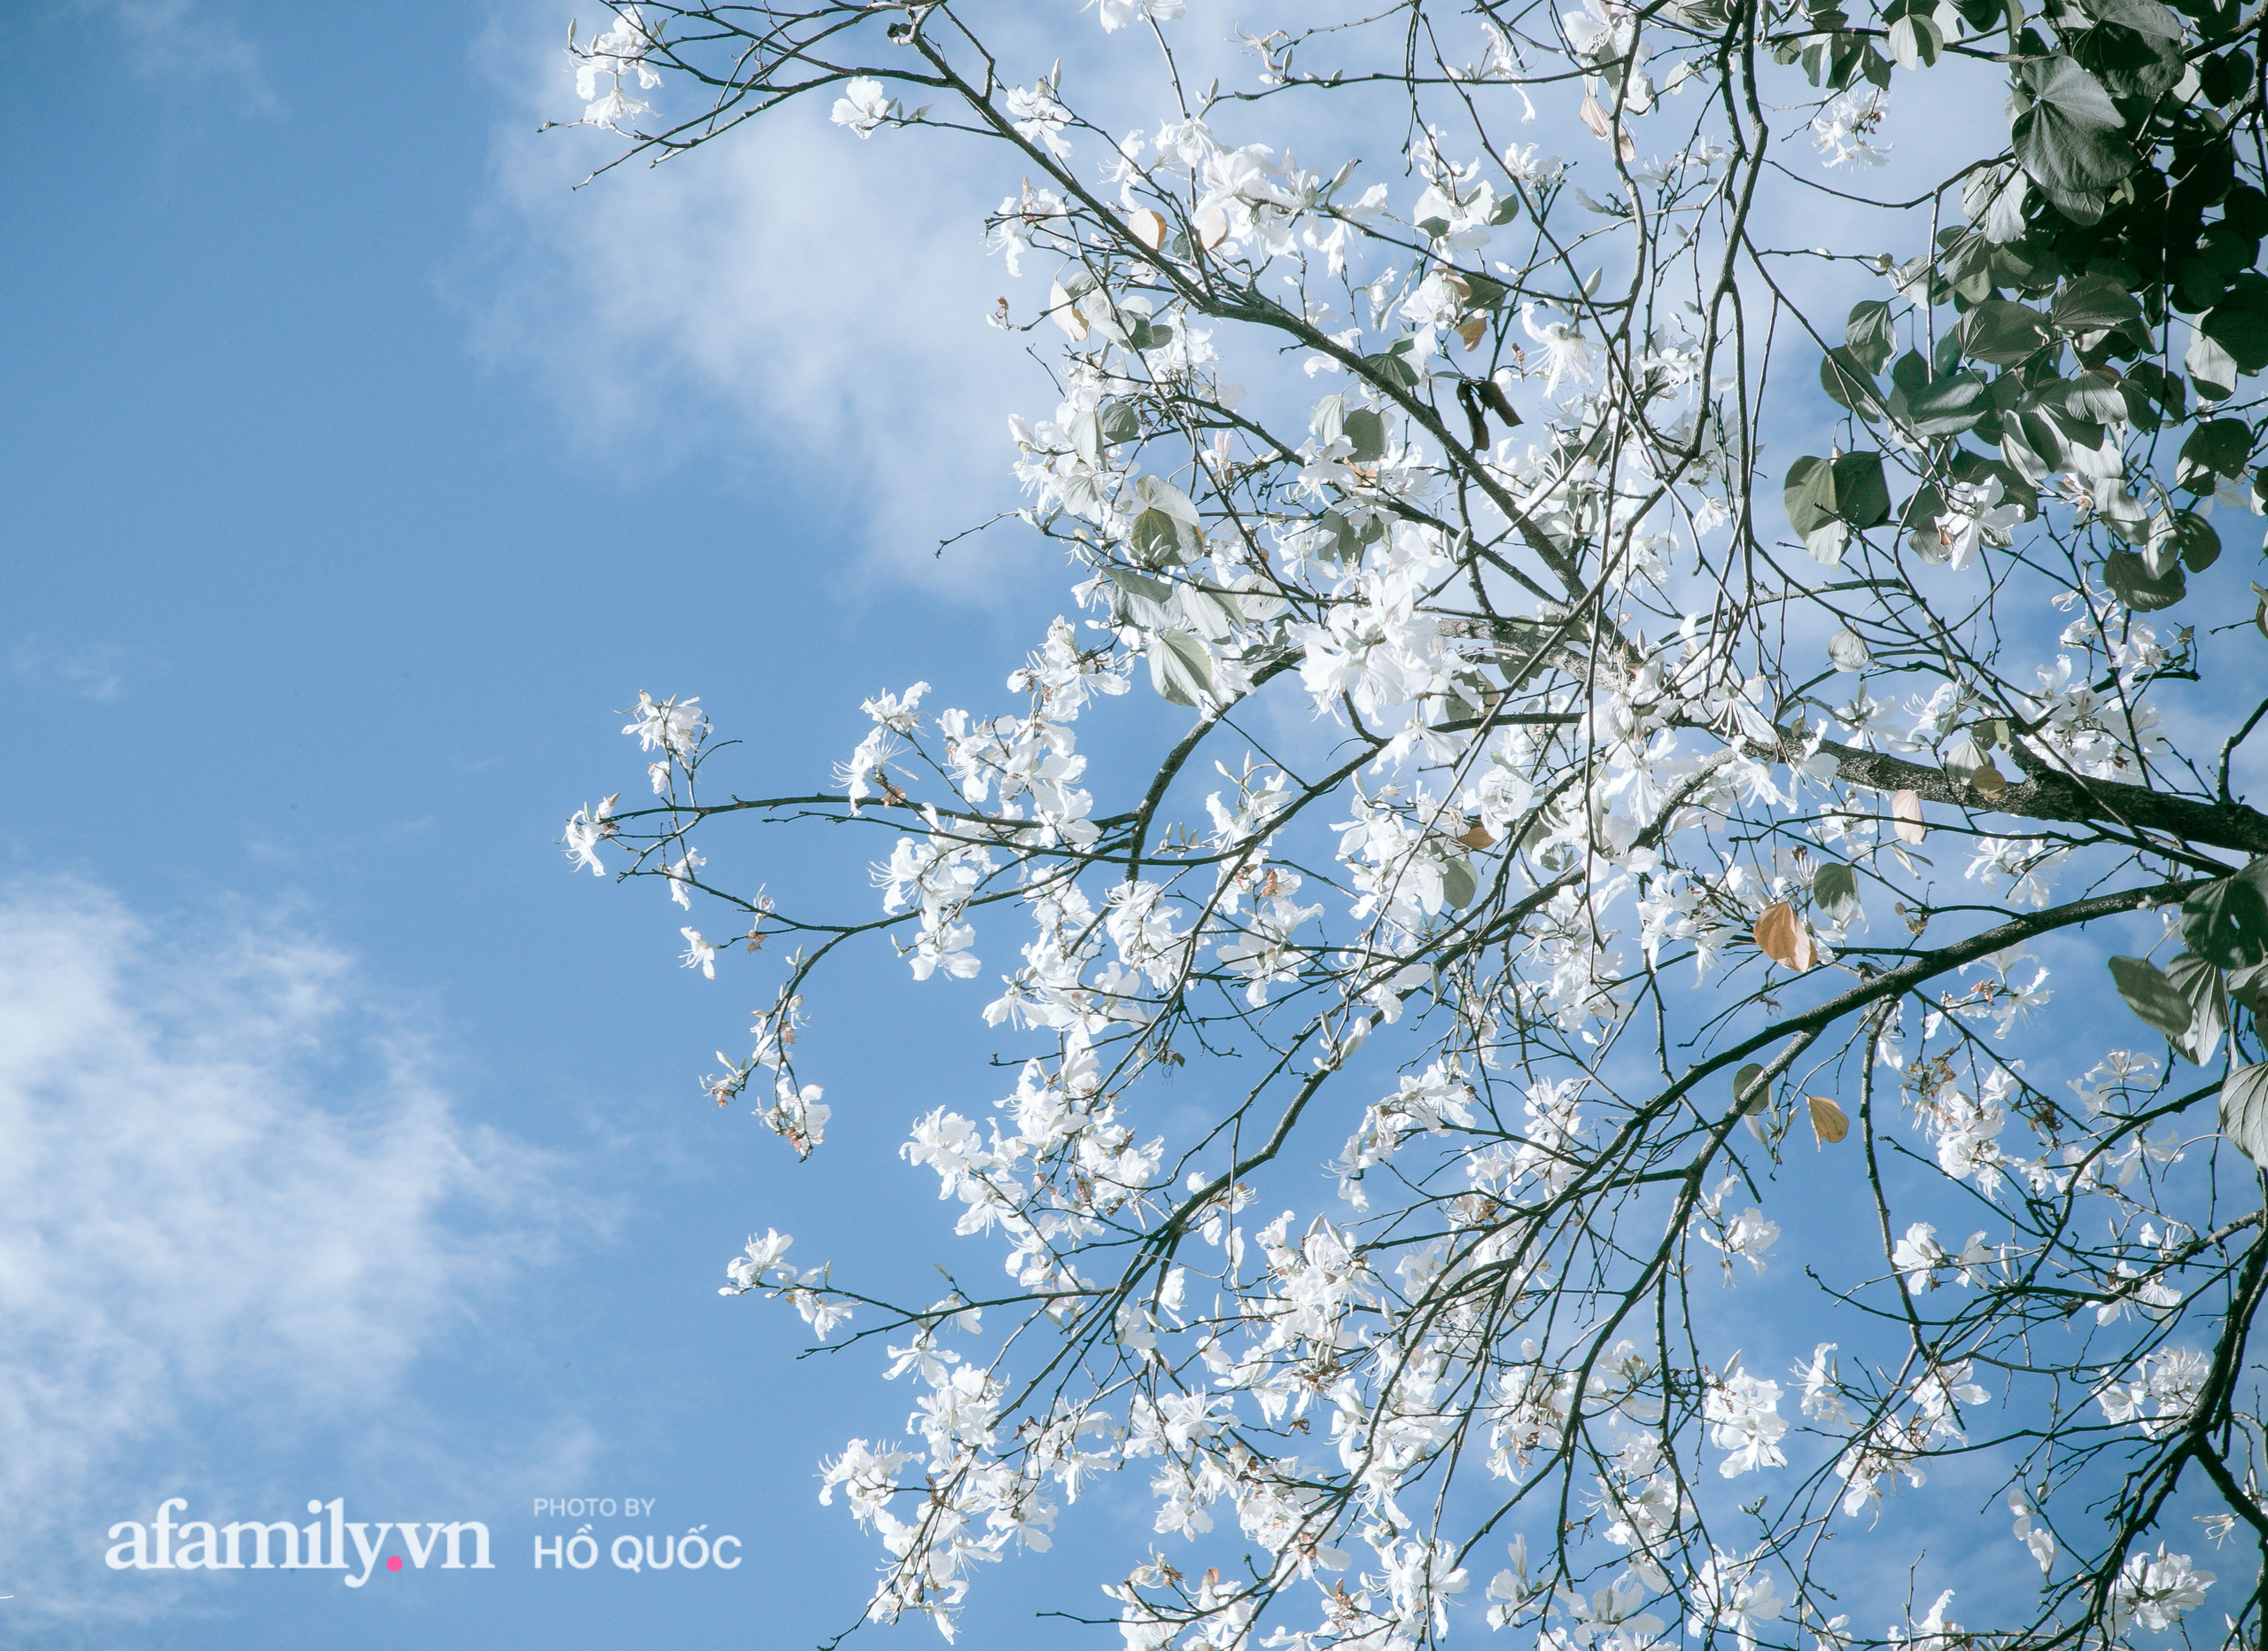 """Hoa ban trắng nở rộ, trời Đà Lạt như """"cô gái Tây Bắc e thẹn"""" báo hiệu một mùa xuân mới đến trong lành  - Ảnh 2."""